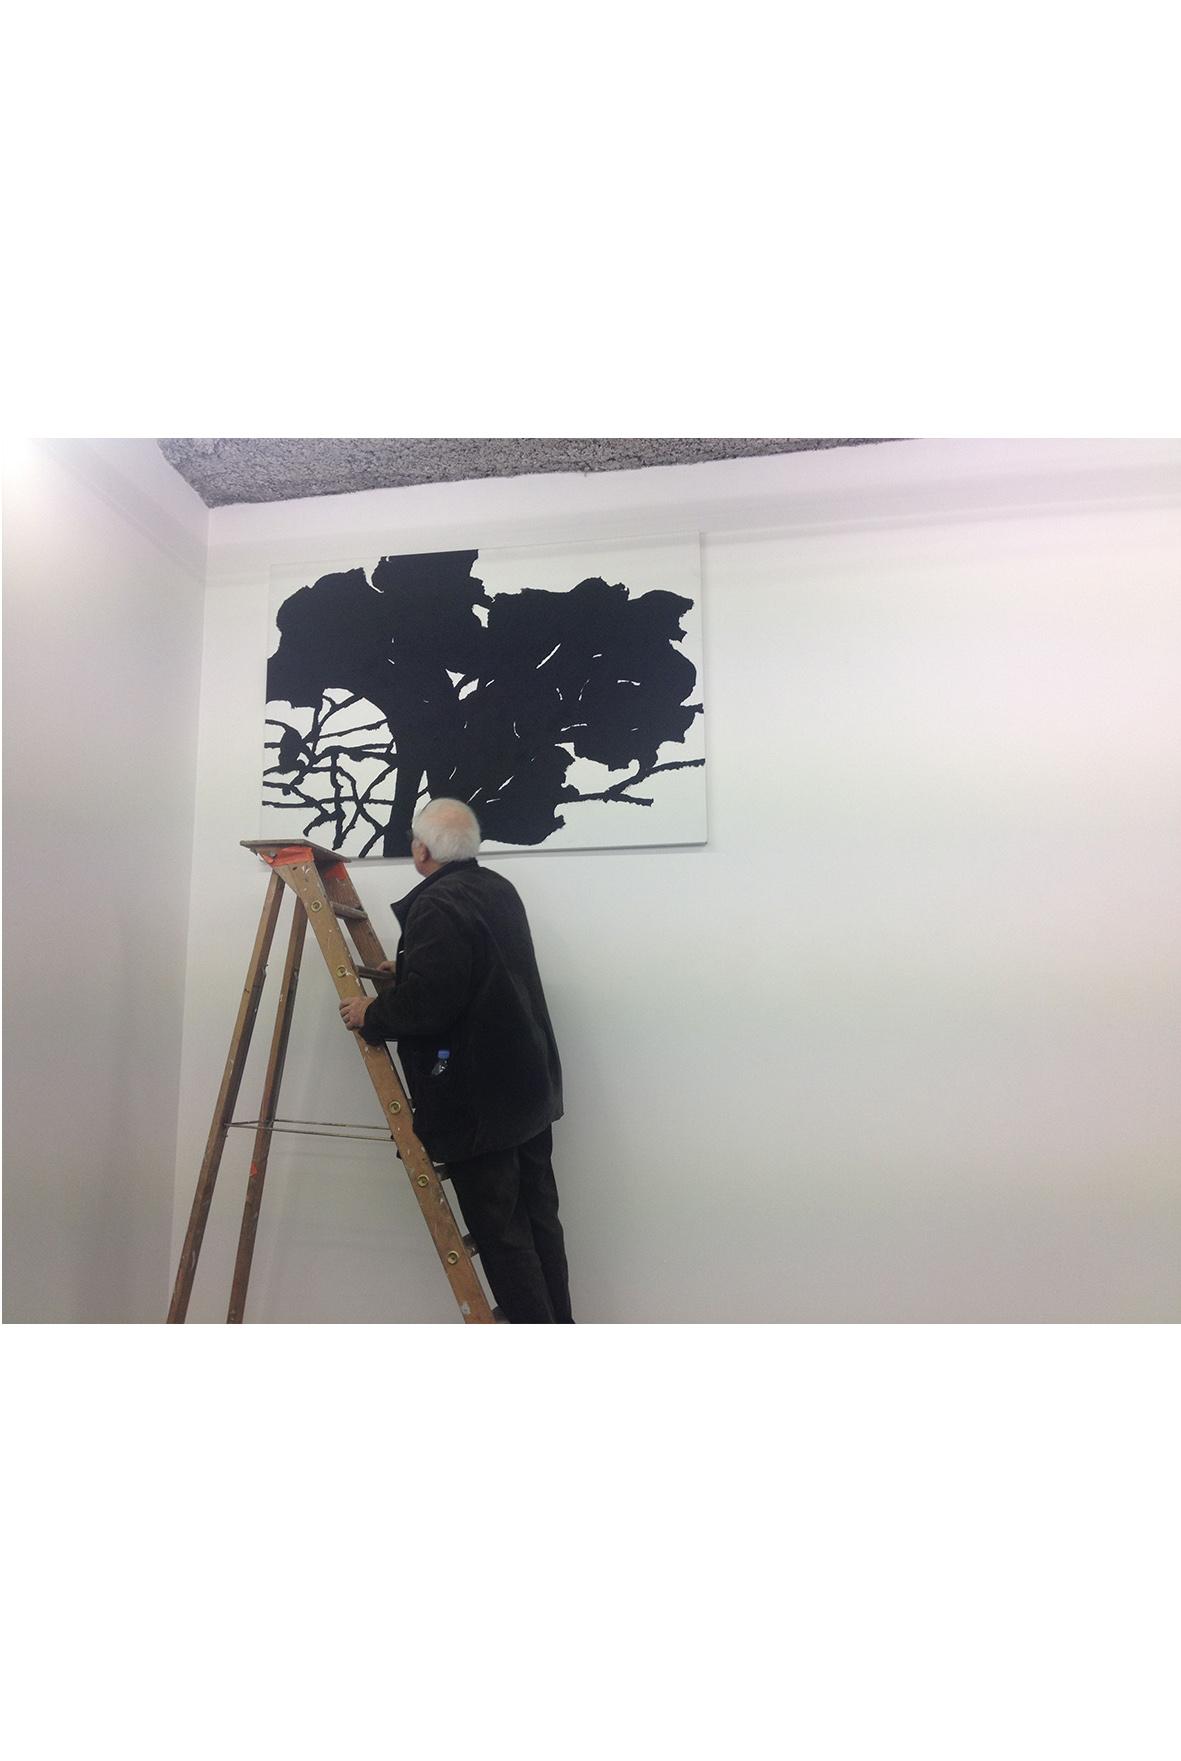 acrylique, galerie d'art lyon, art contemporain lyon, galerie Lyon